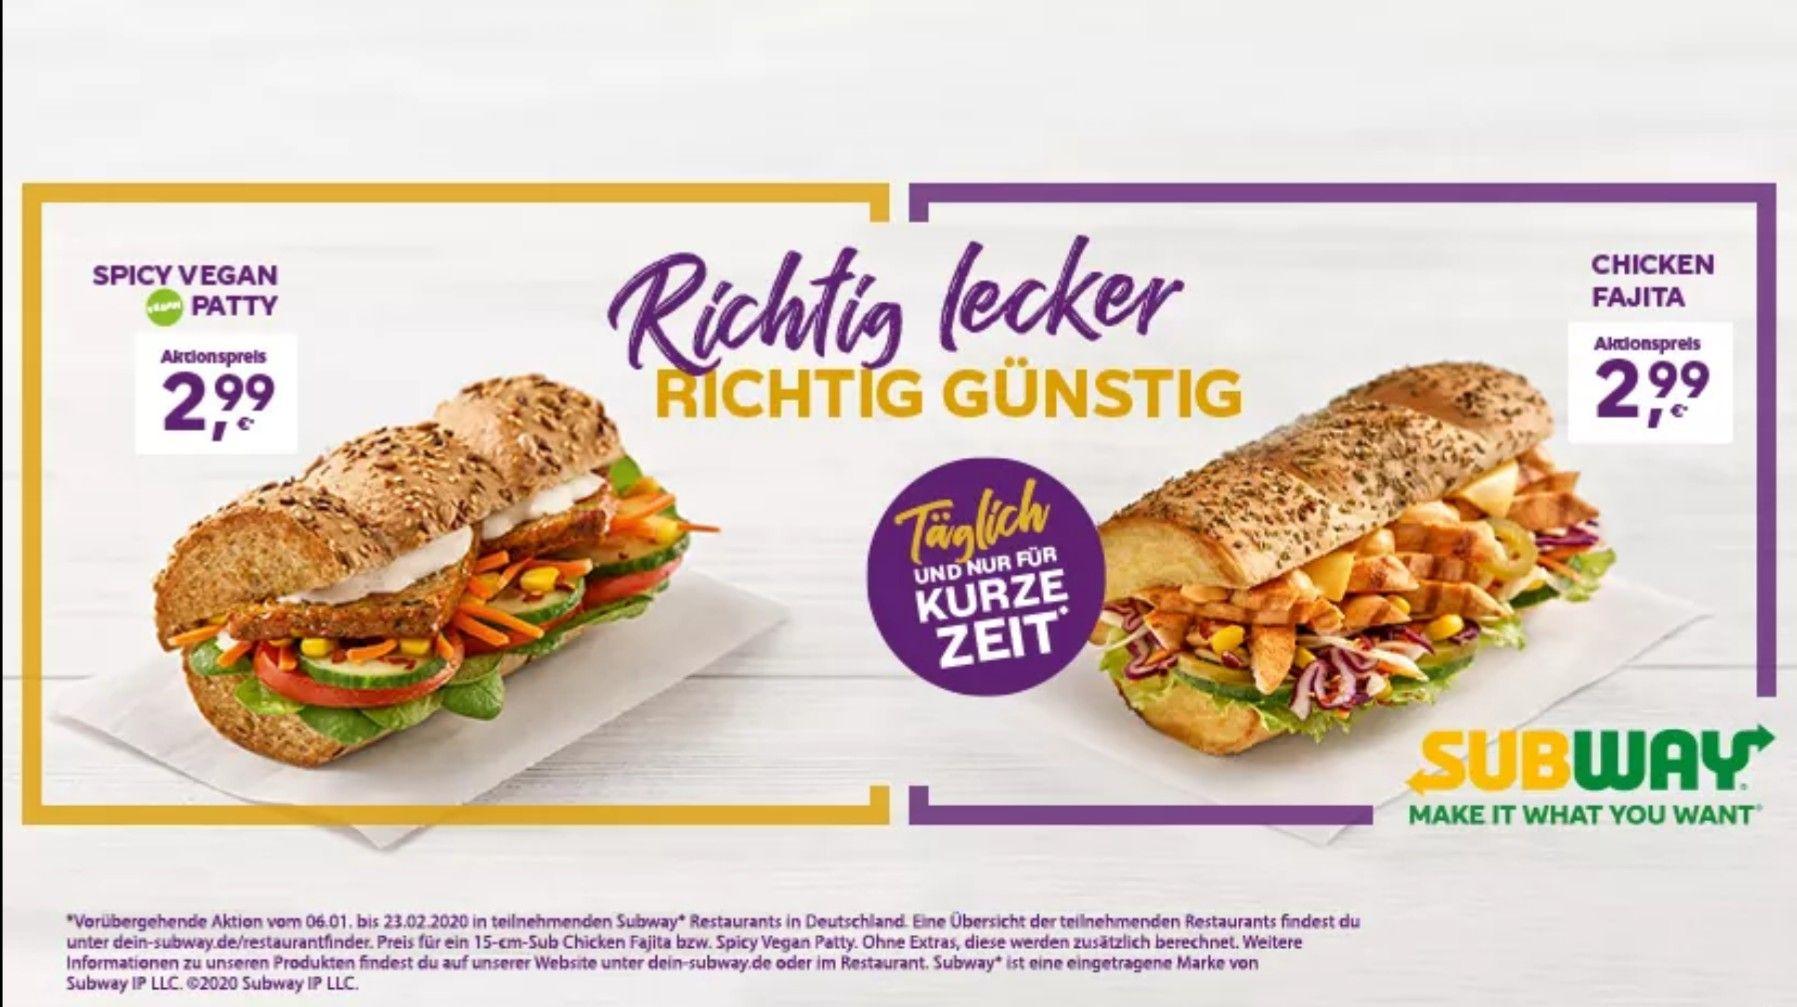 Subway - Chicken Fajita oder Spicy Vegan Patty (15cm) für 2,99 €